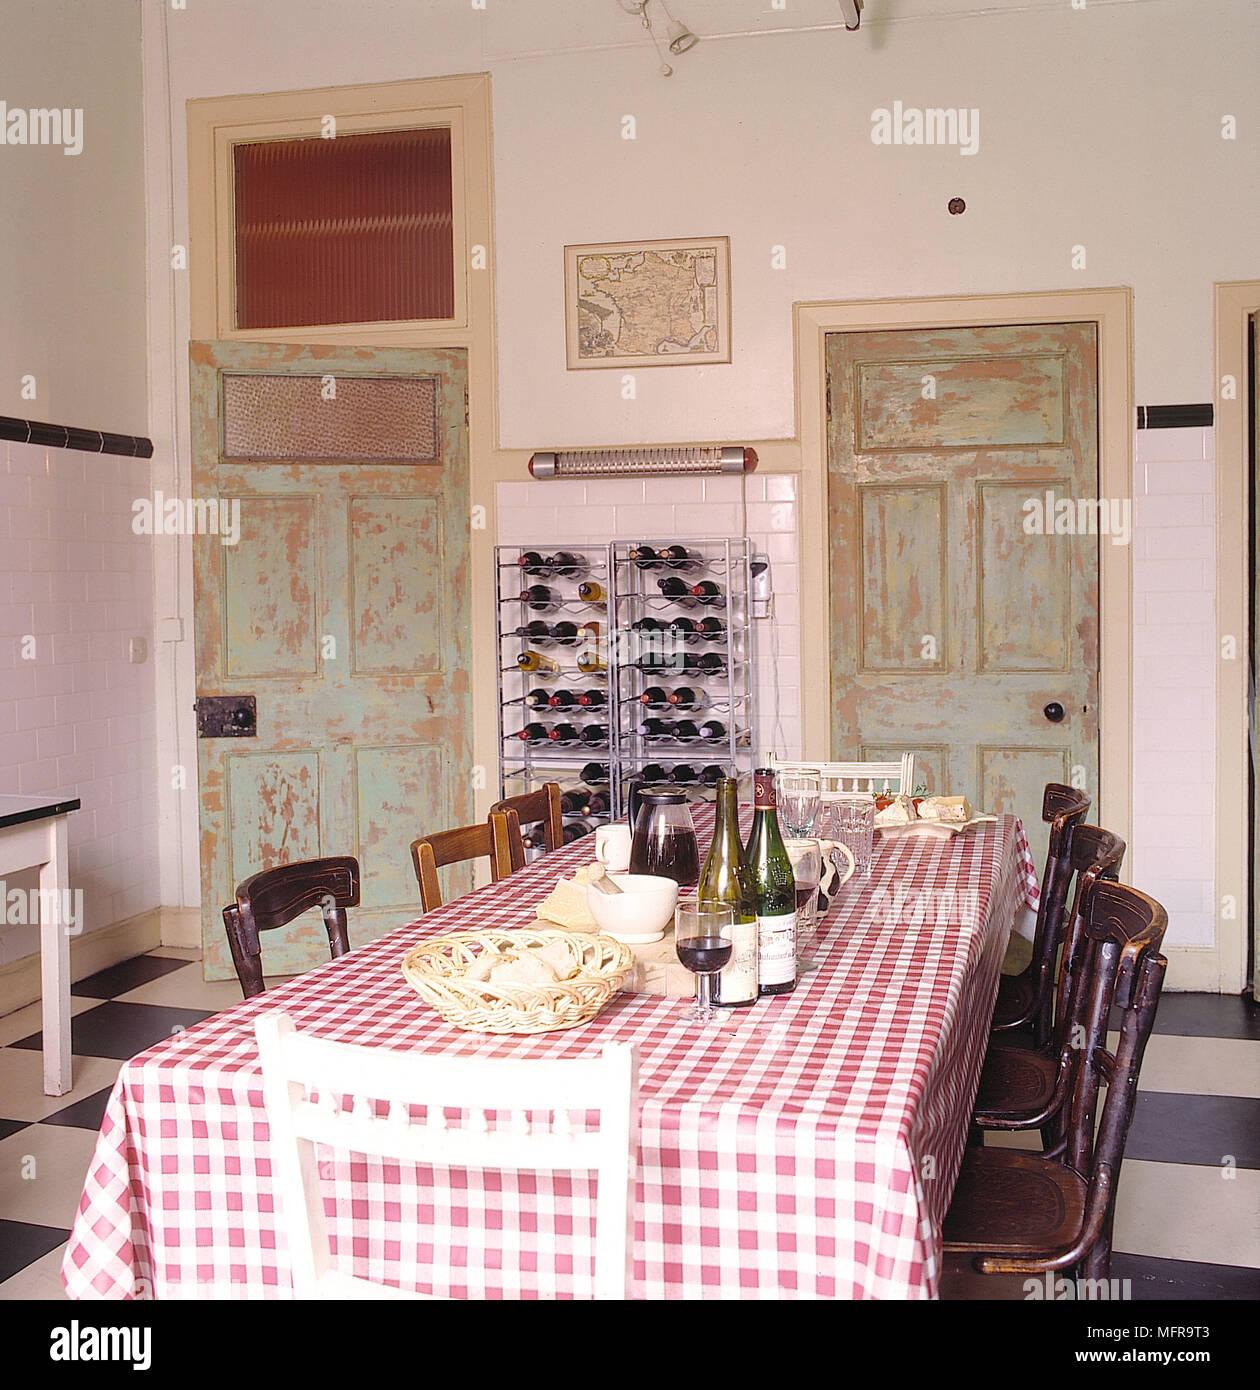 Küche weiße Wände Keramikfliesen lange Tisch Stühle Wine Rack ...